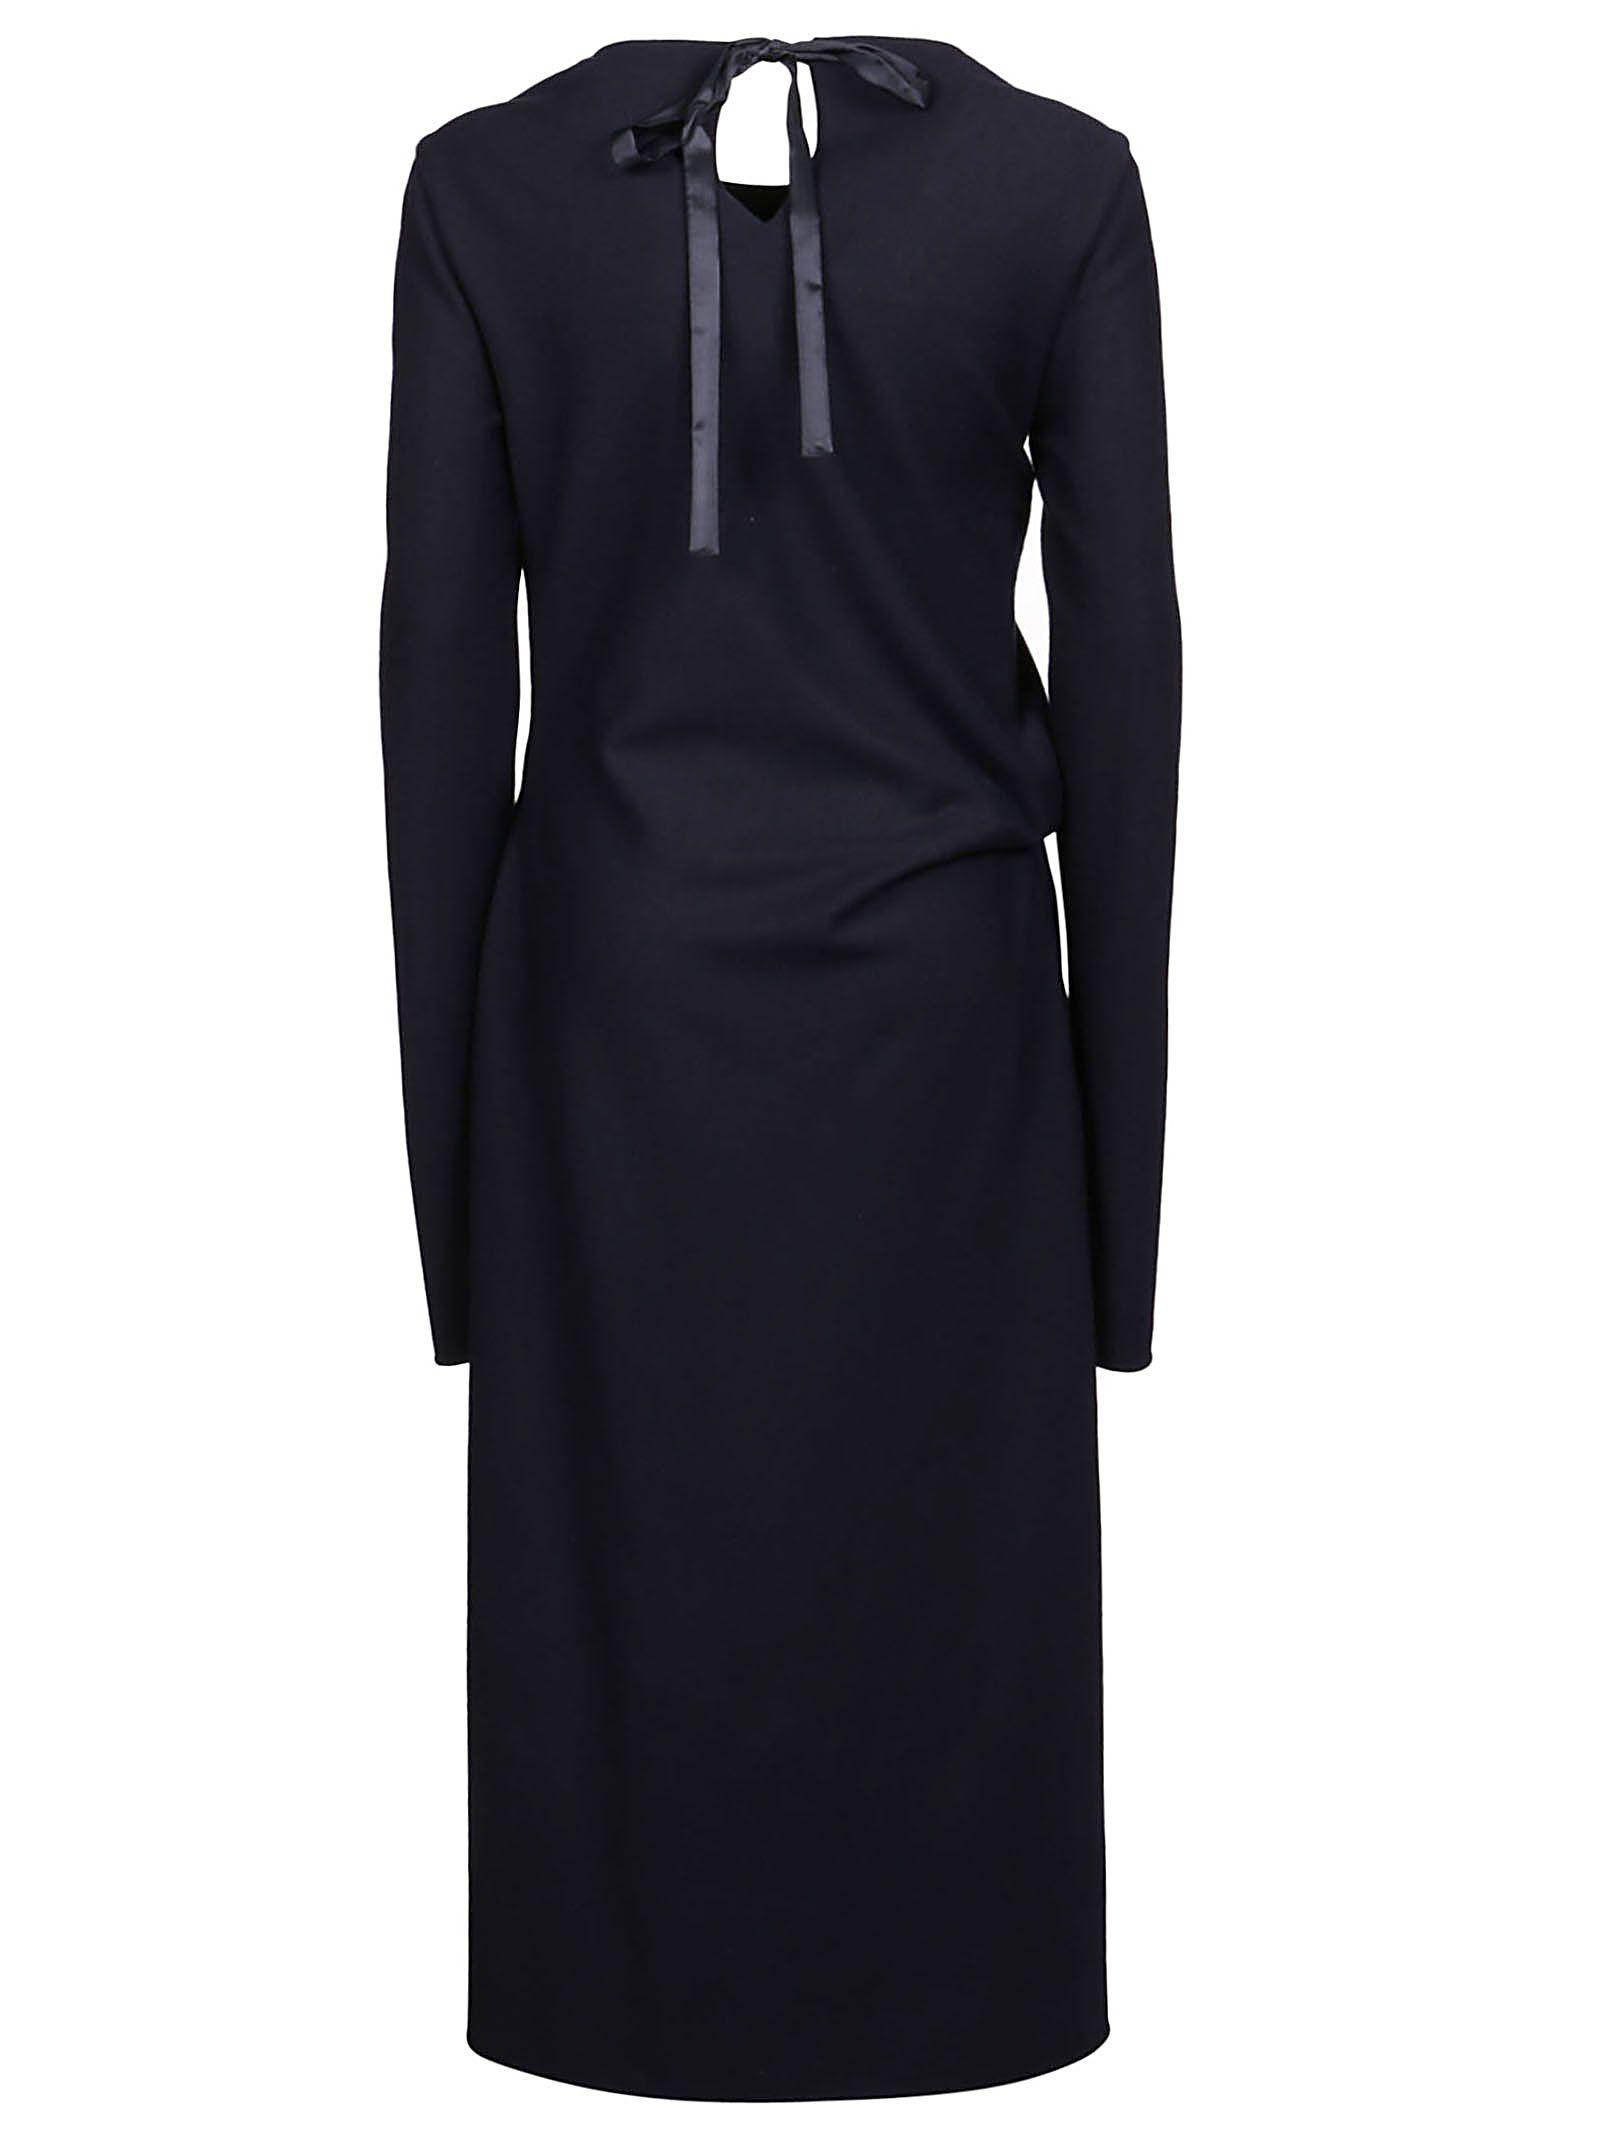 JIL SANDER Cottons JIL SANDER WOMEN'S BLUE OTHER MATERIALS DRESS